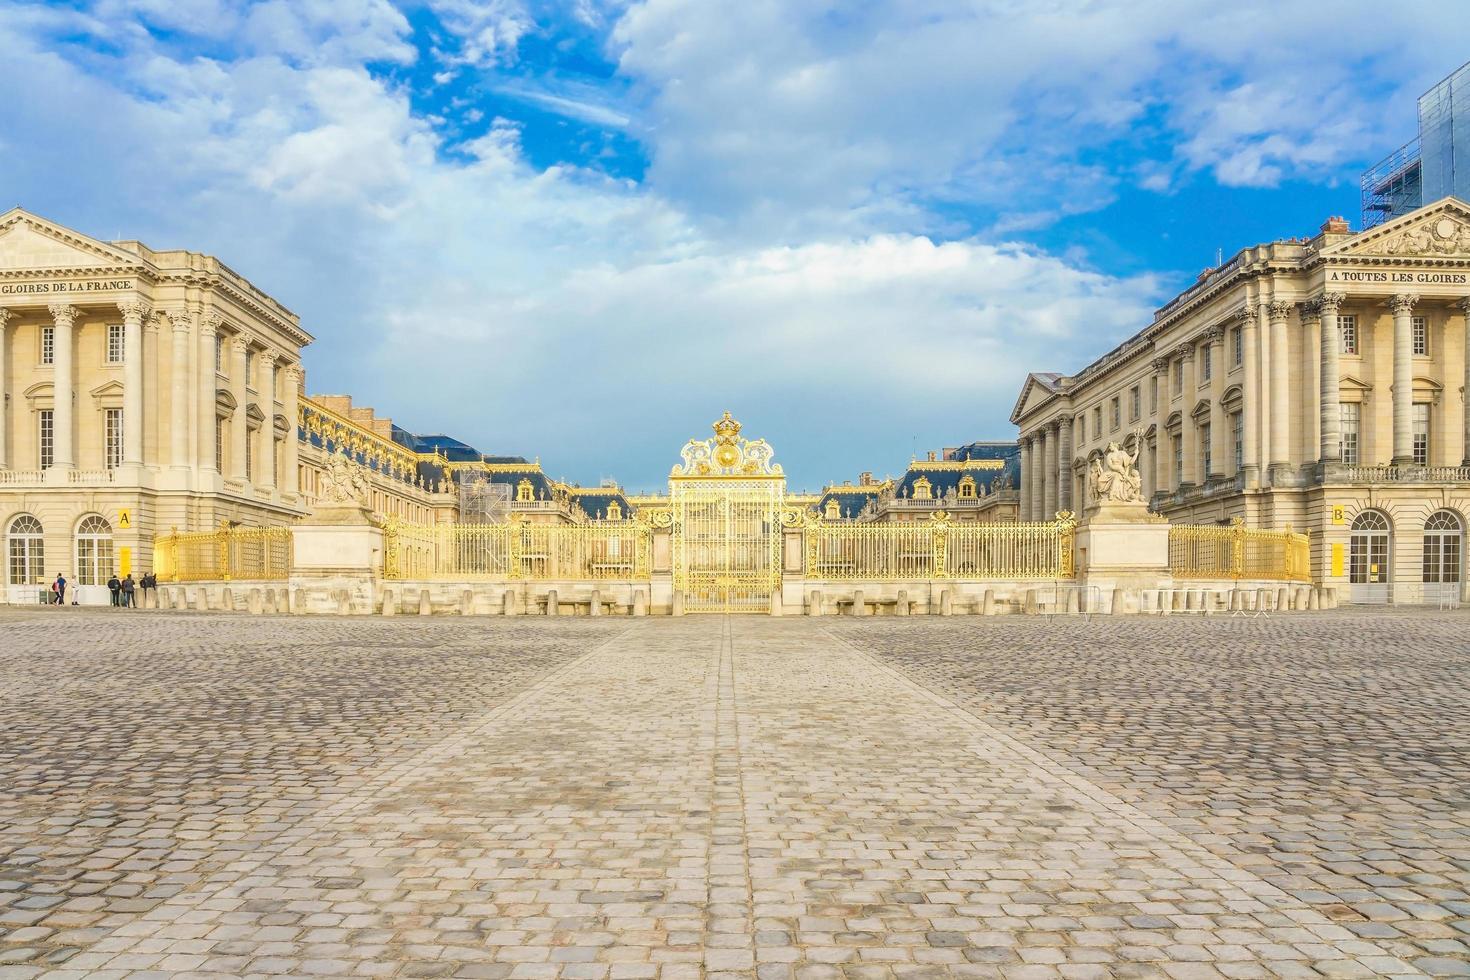 der Palast von Versailles in Frankreich foto